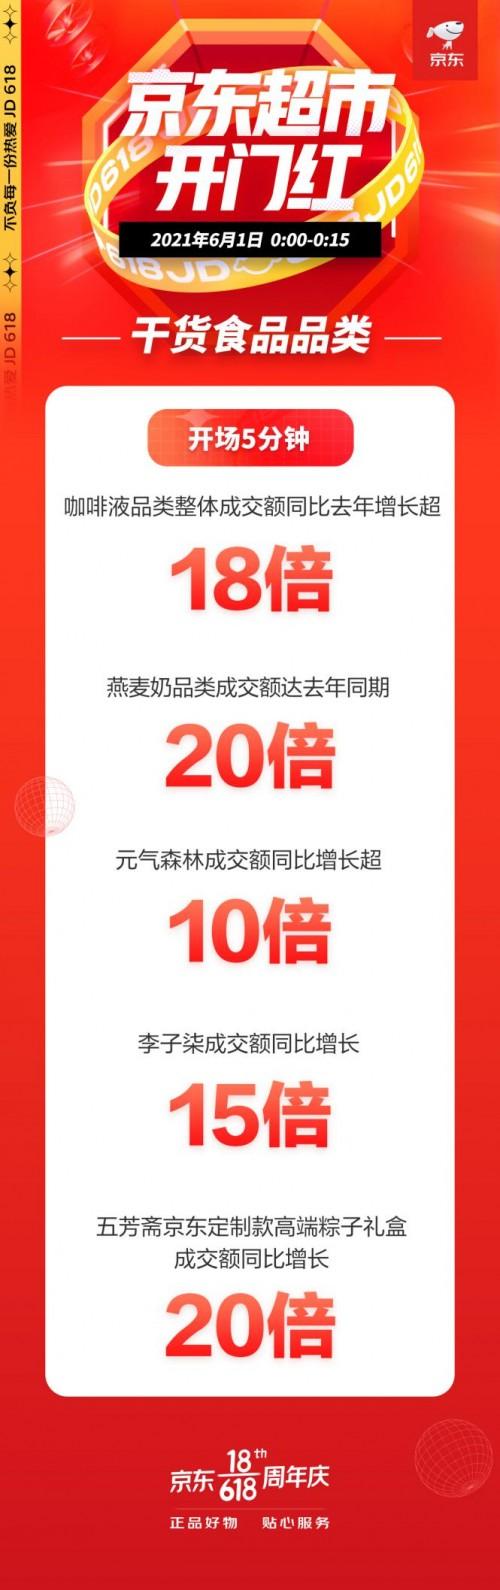 京东超市618开门红干货食品5分钟新锐品牌总成交额同比增长超50倍